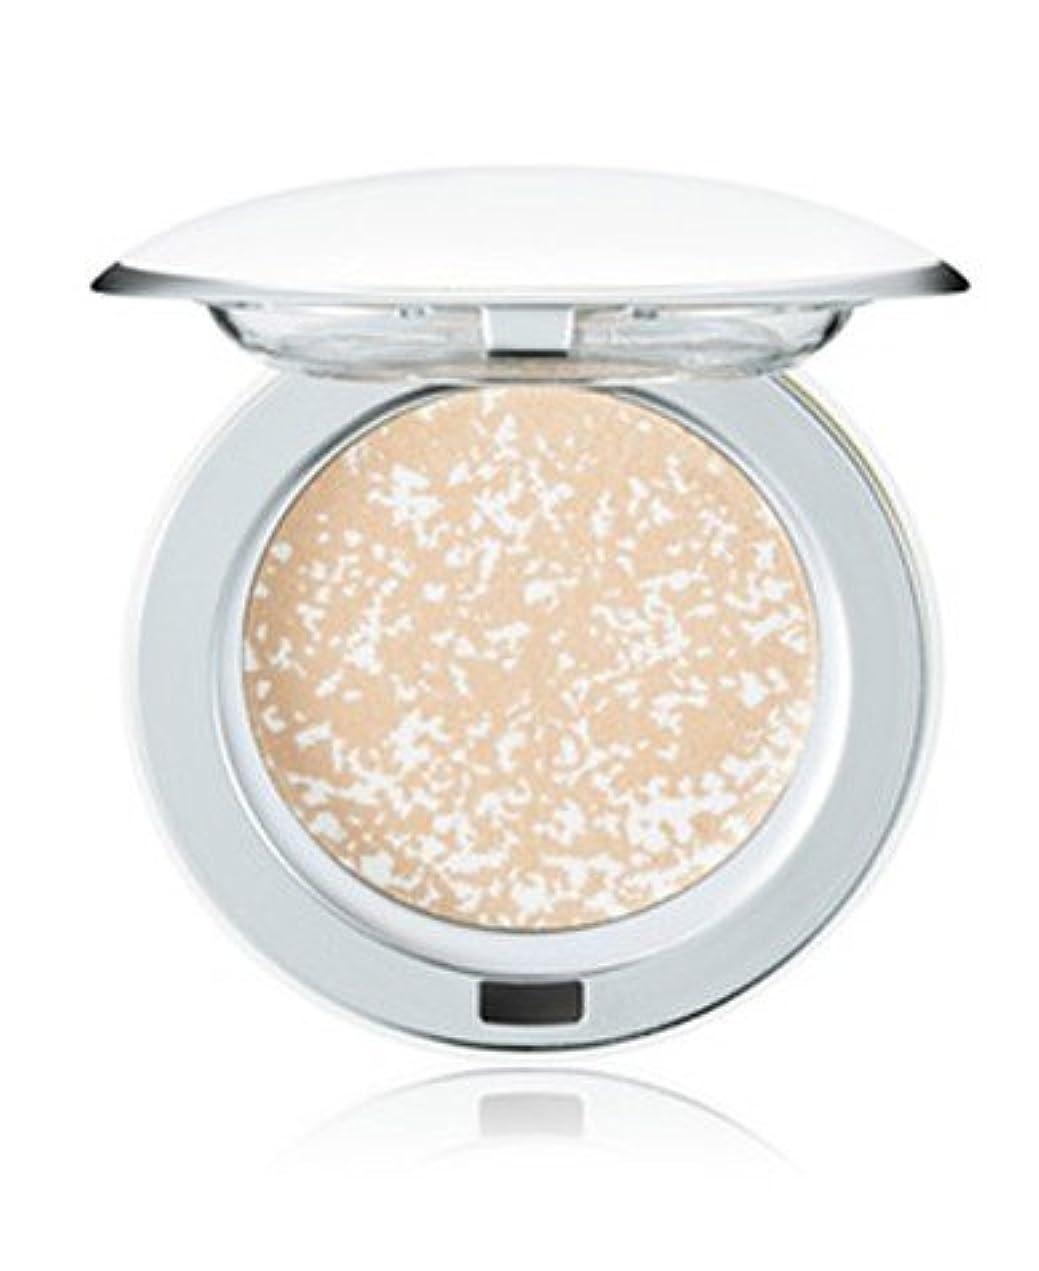 相談する白い割り込み雪花秀(ソルファス)滋晶 ホワイトニング UVパクト SPF50+/PA+++(Snowise Whitening UV Compact)9g